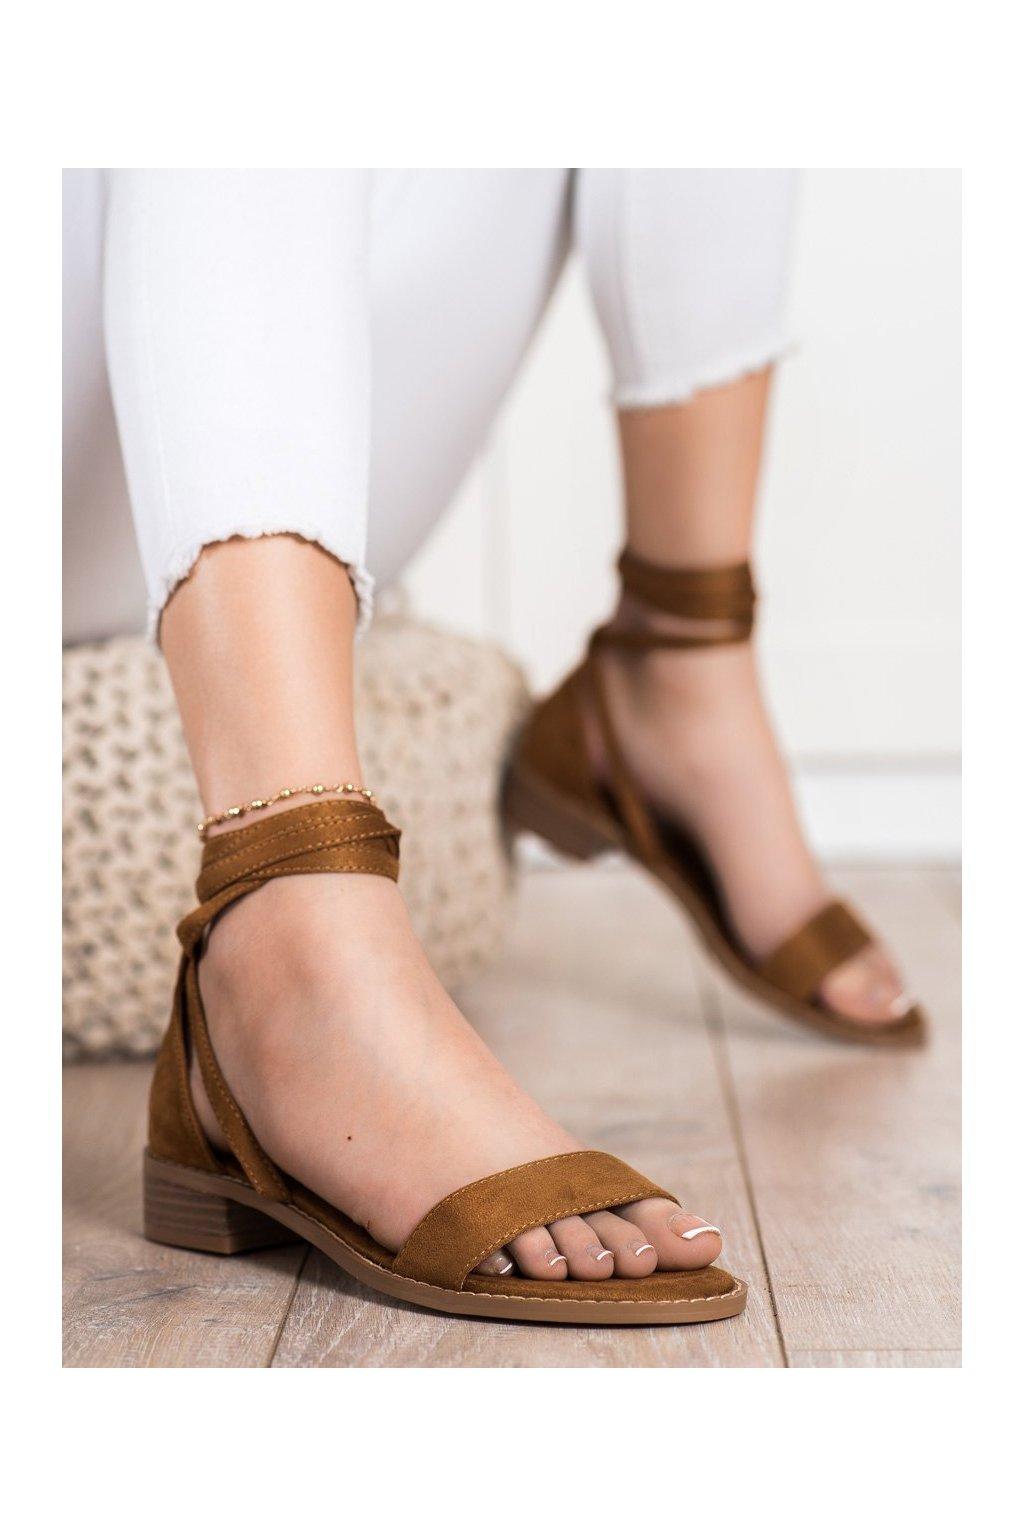 Hnedé sandále Goodin kod GD-OD-101C